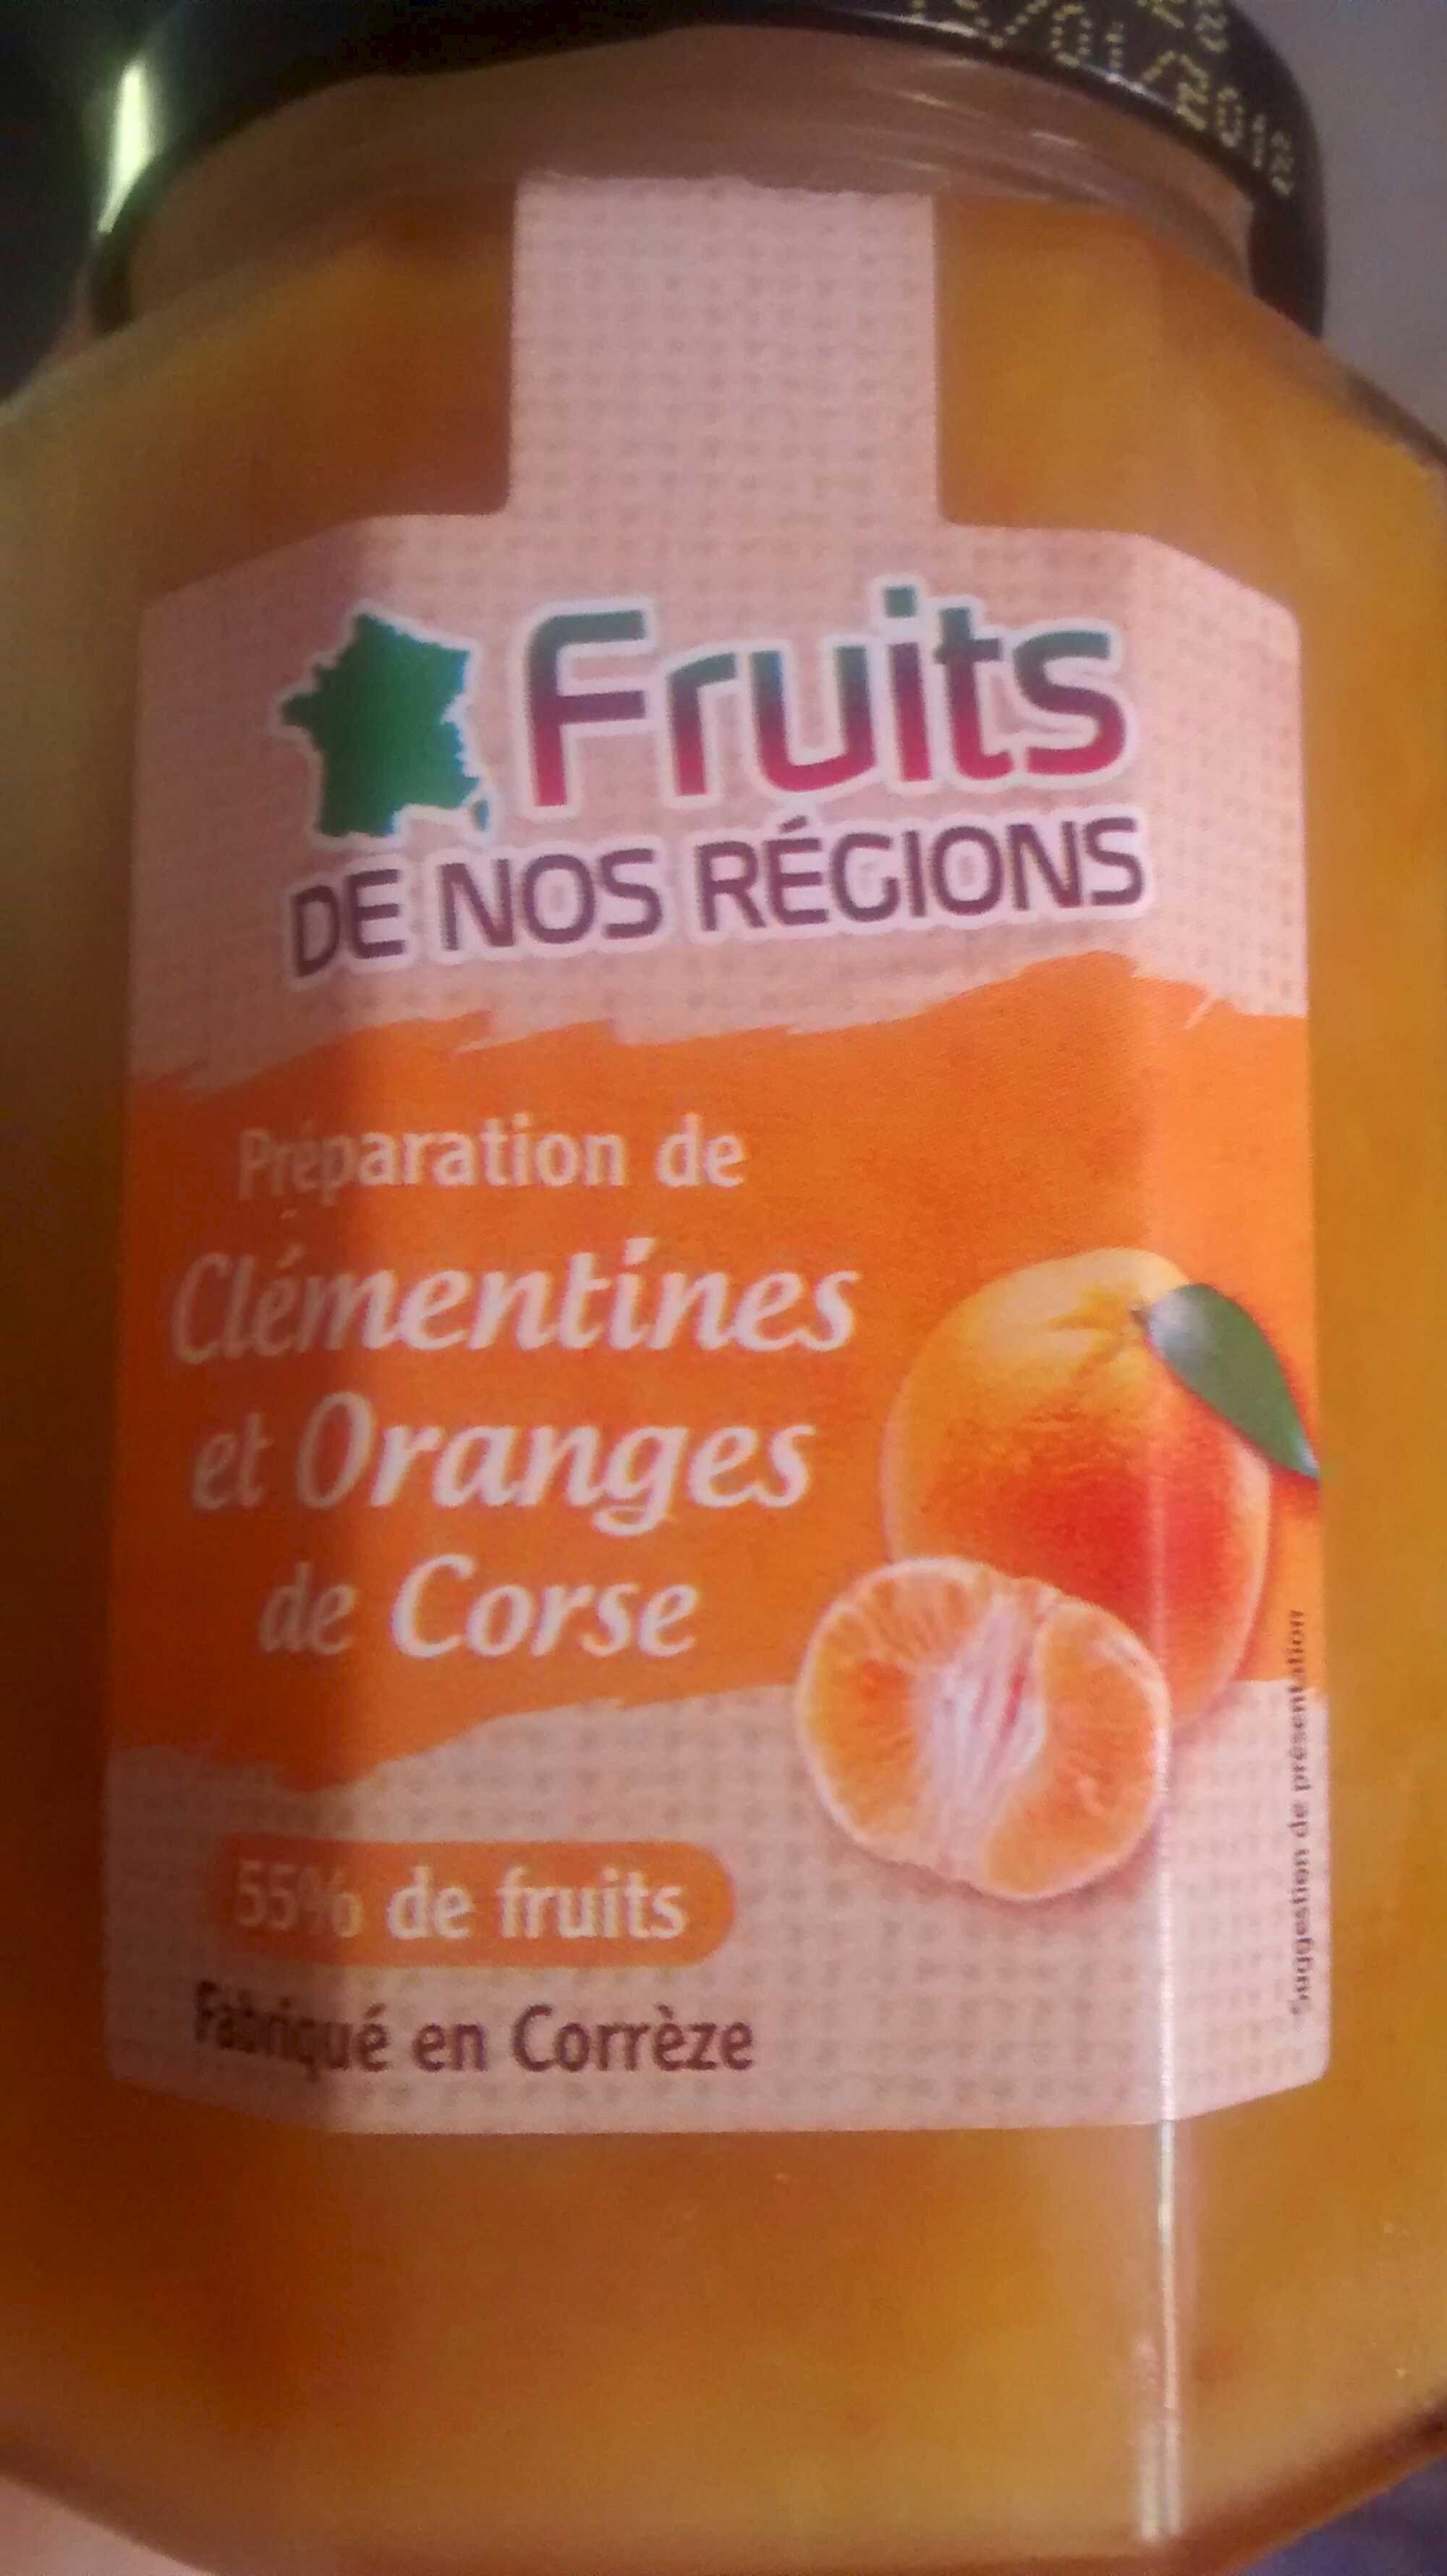 Préparation de clémentines et oranges de Corse - Product - fr